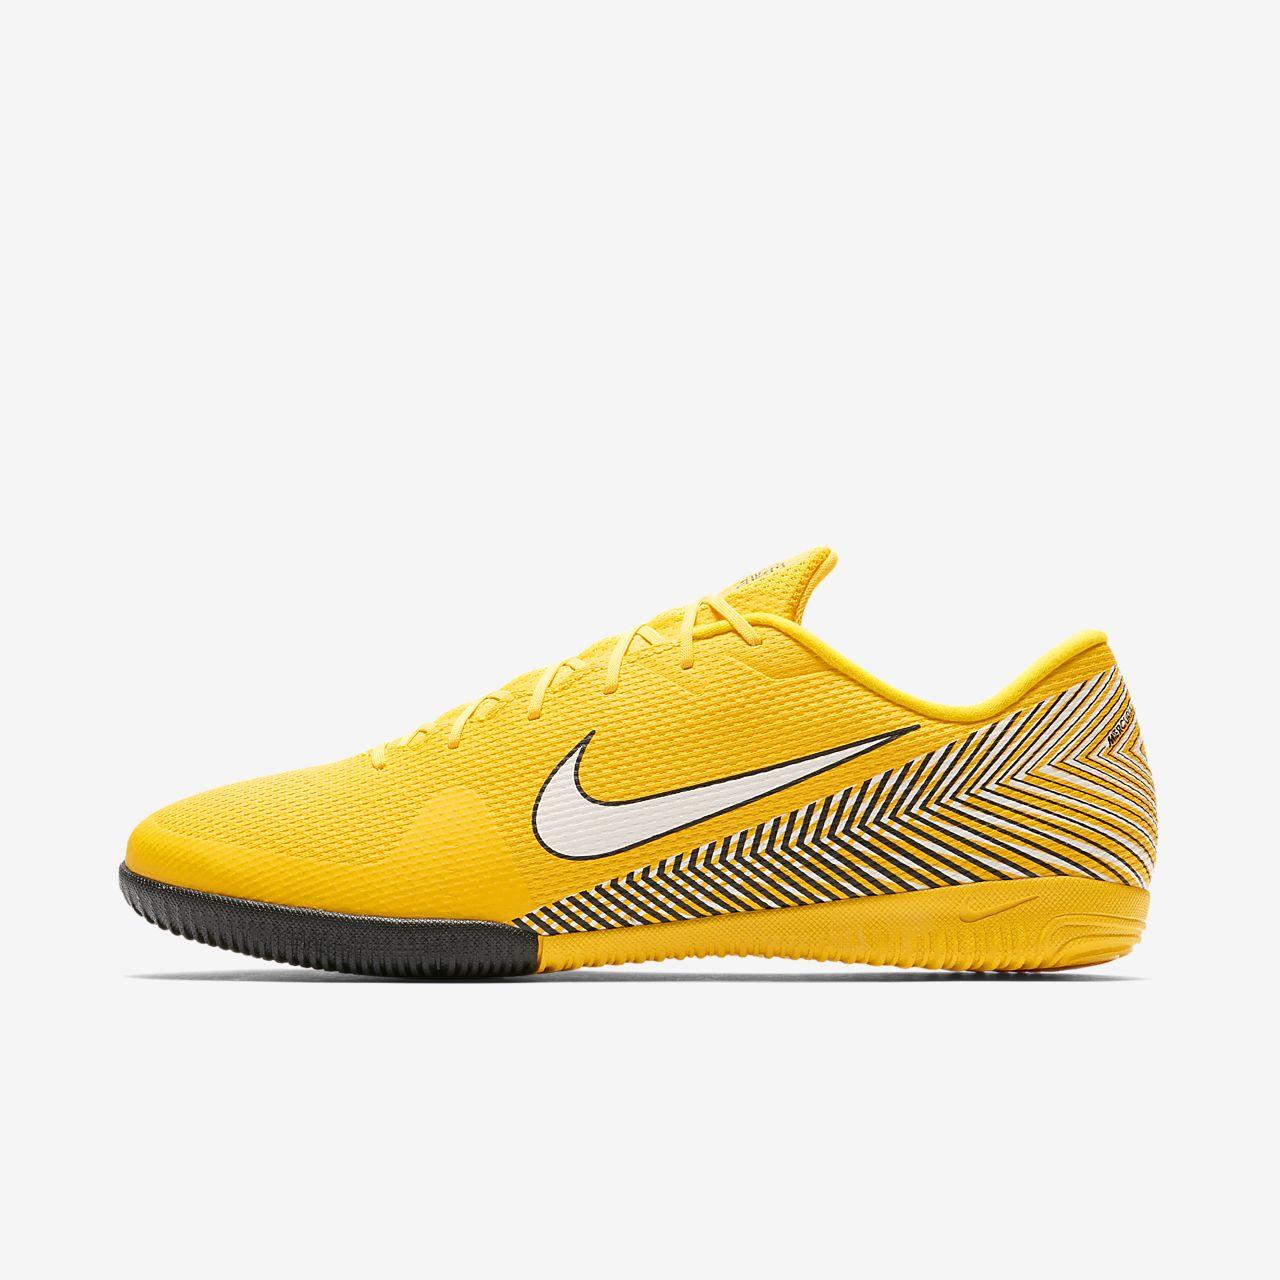 ... promo code for calzado de fútbol para cancha cubierta nike mercurial  vapor xii academy neymar jr 4b0190e52235c